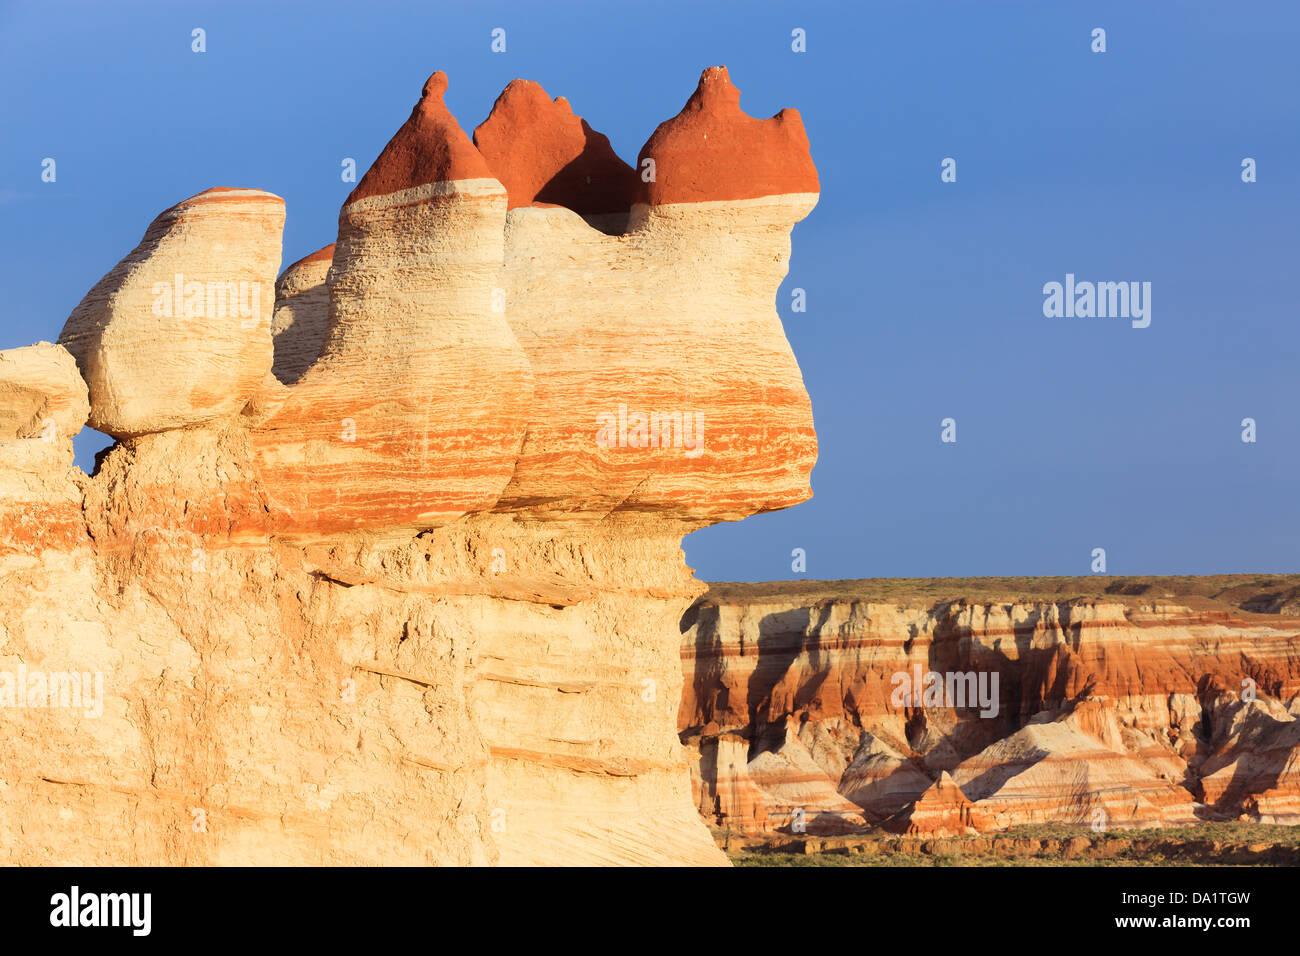 Roten Felsen Findlinge im Blue Canyon Bereich der Moenkopi Wash südlich von Tonalea, Arizona, USA Stockbild